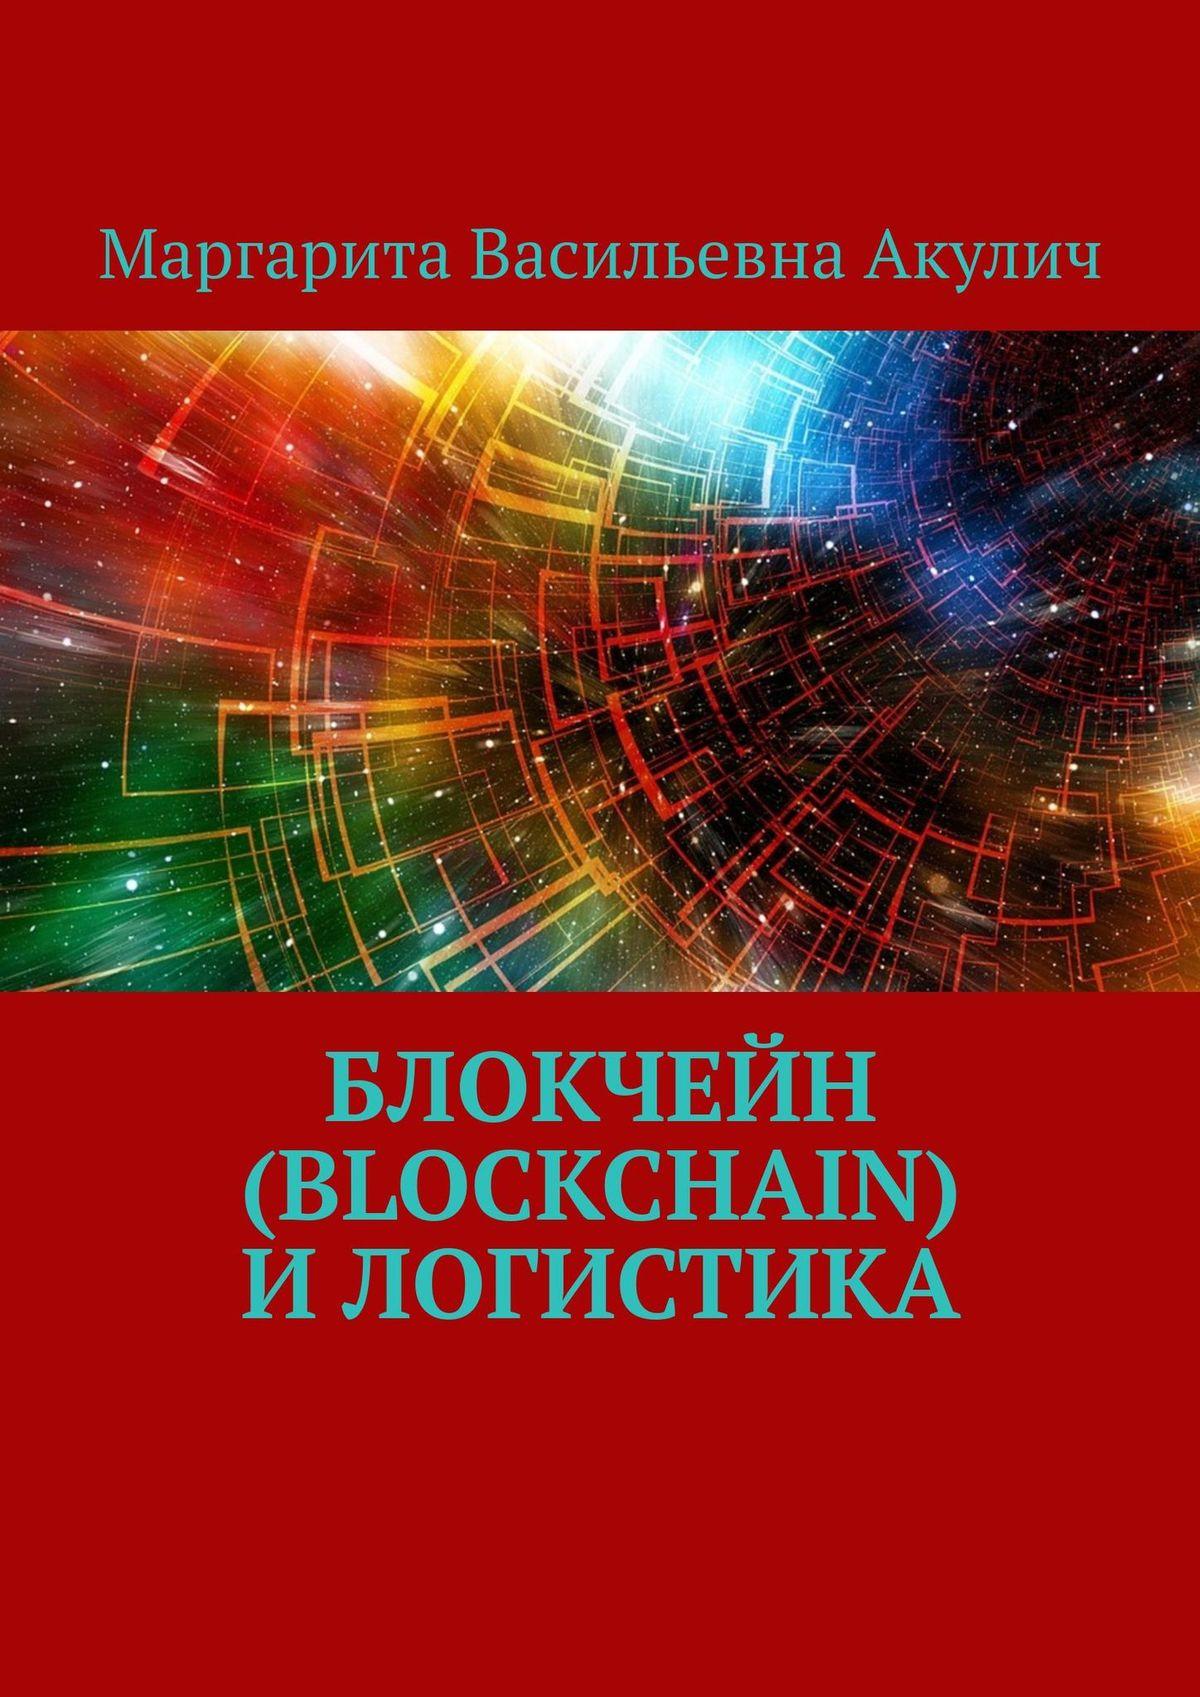 Blockchain илогистика